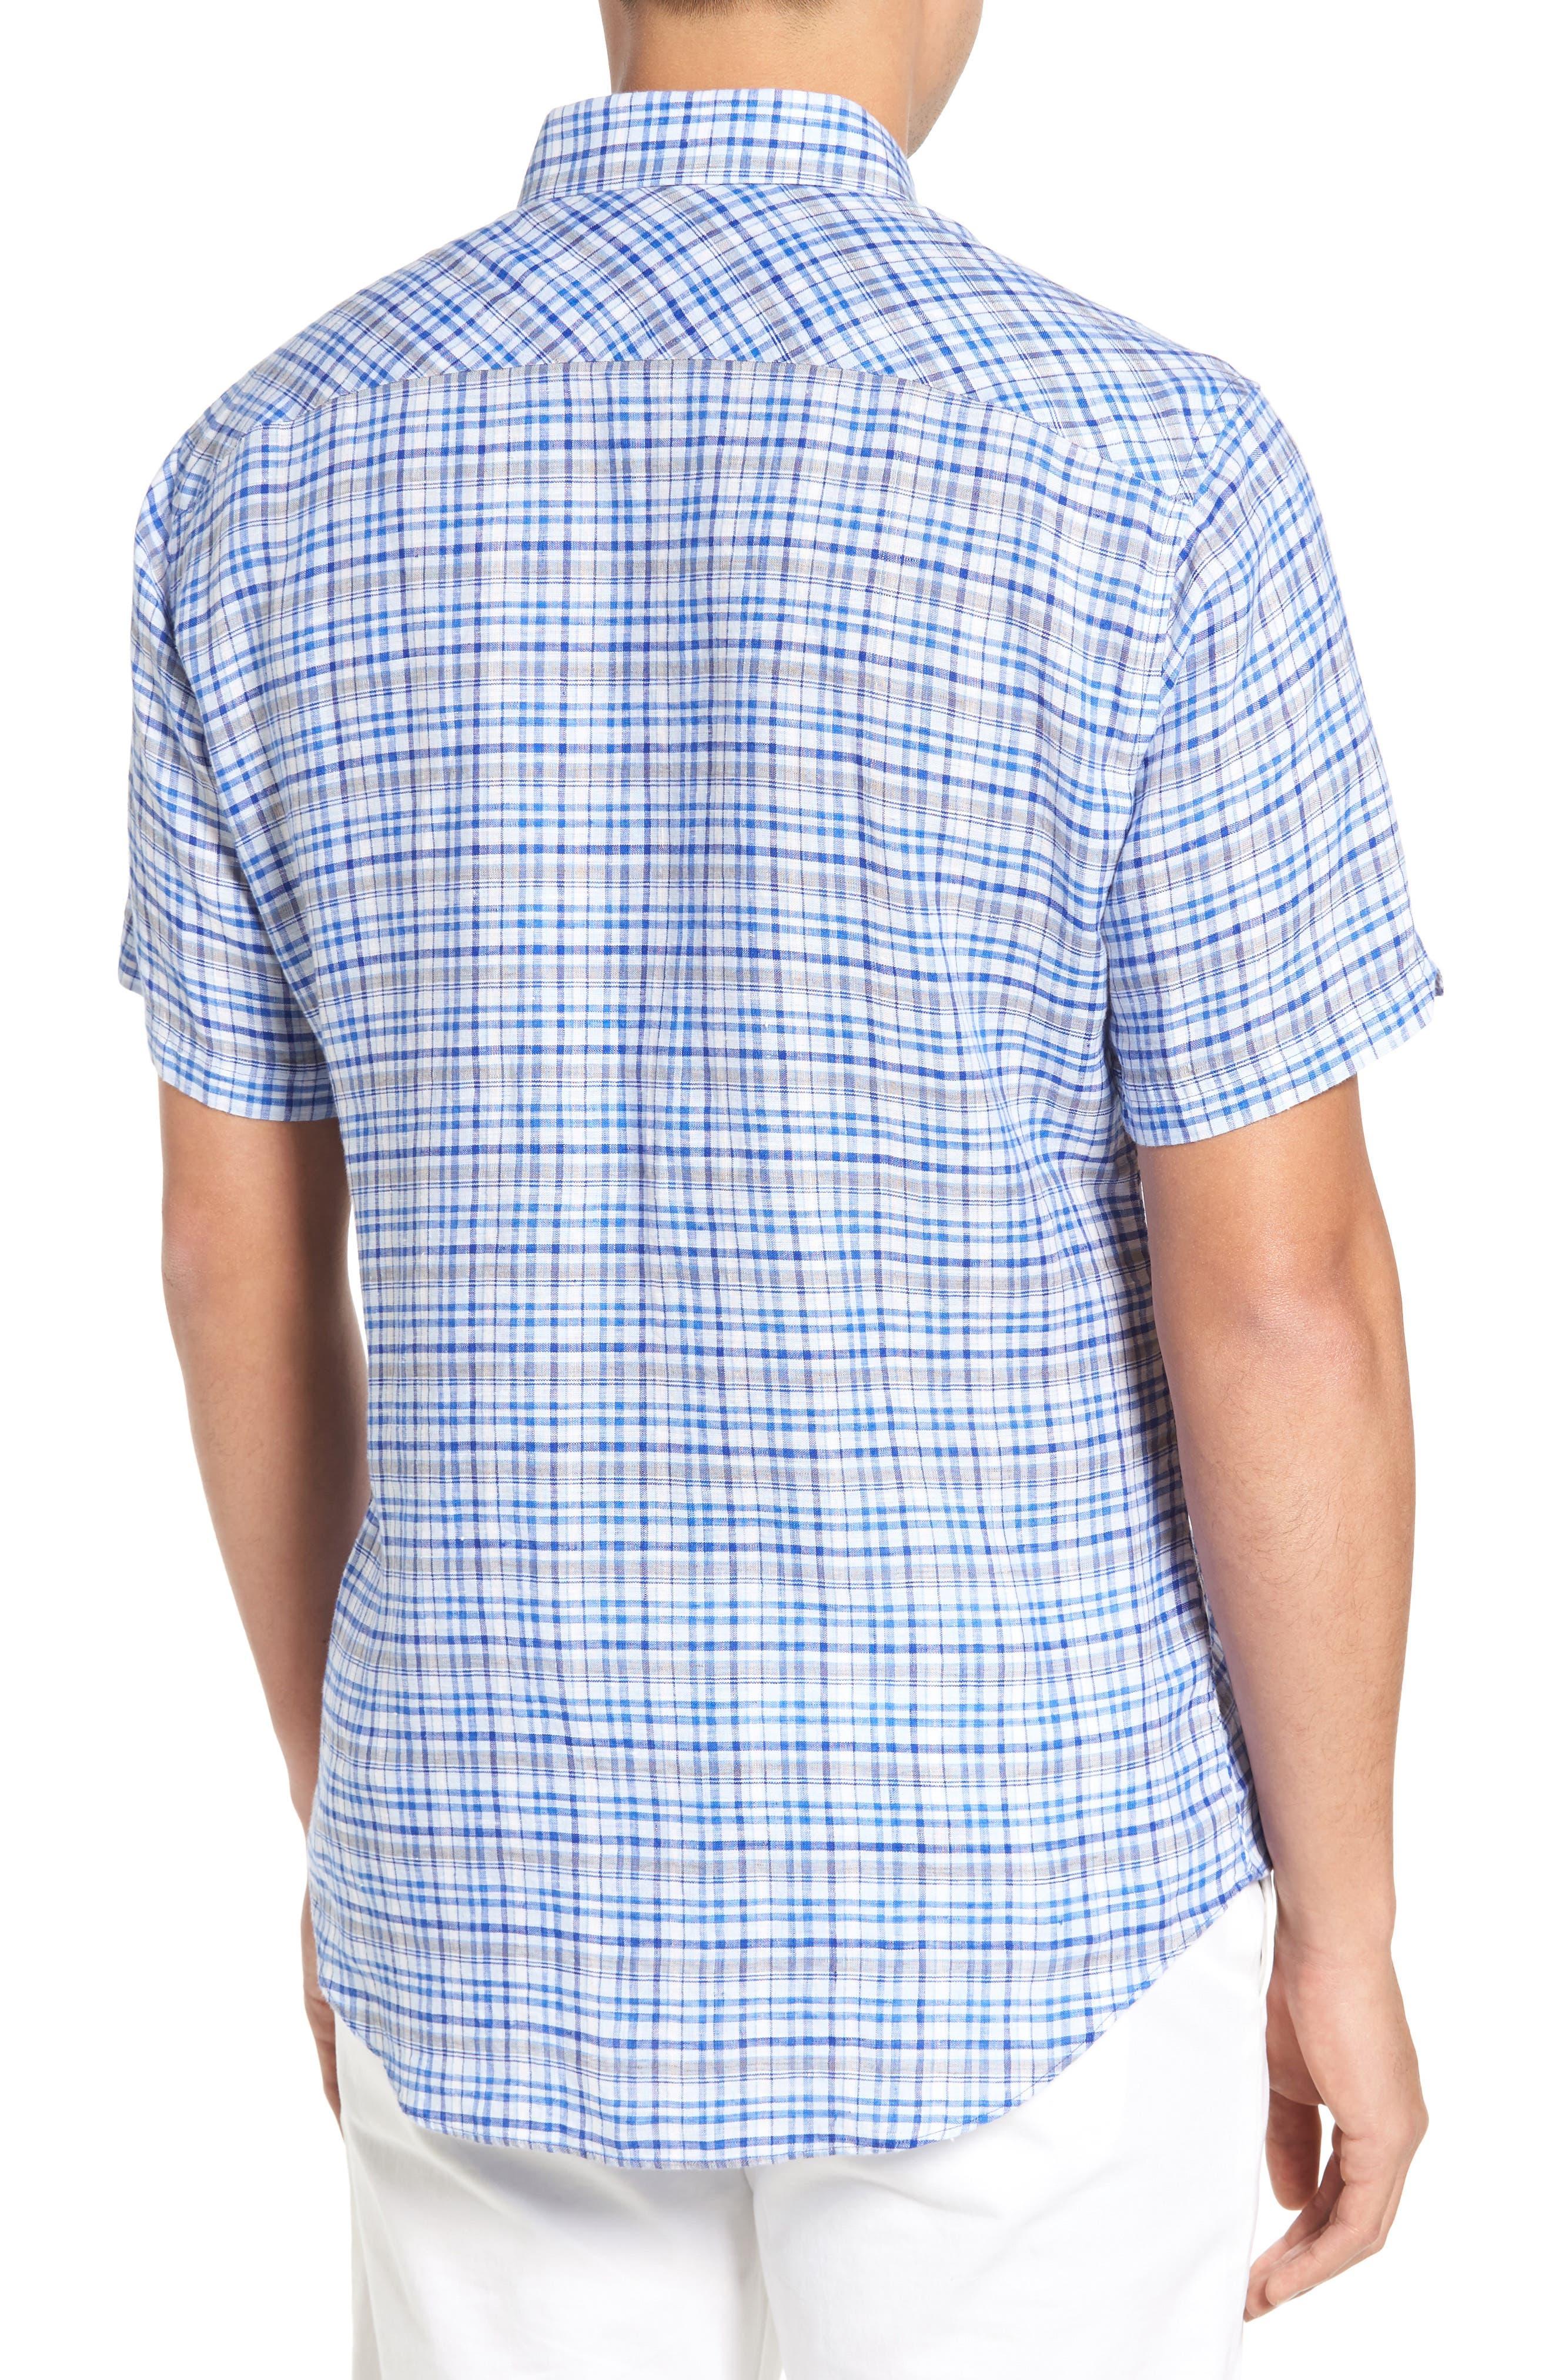 Bean Trim Fit Plaid Linen Sport Shirt,                             Alternate thumbnail 2, color,                             432